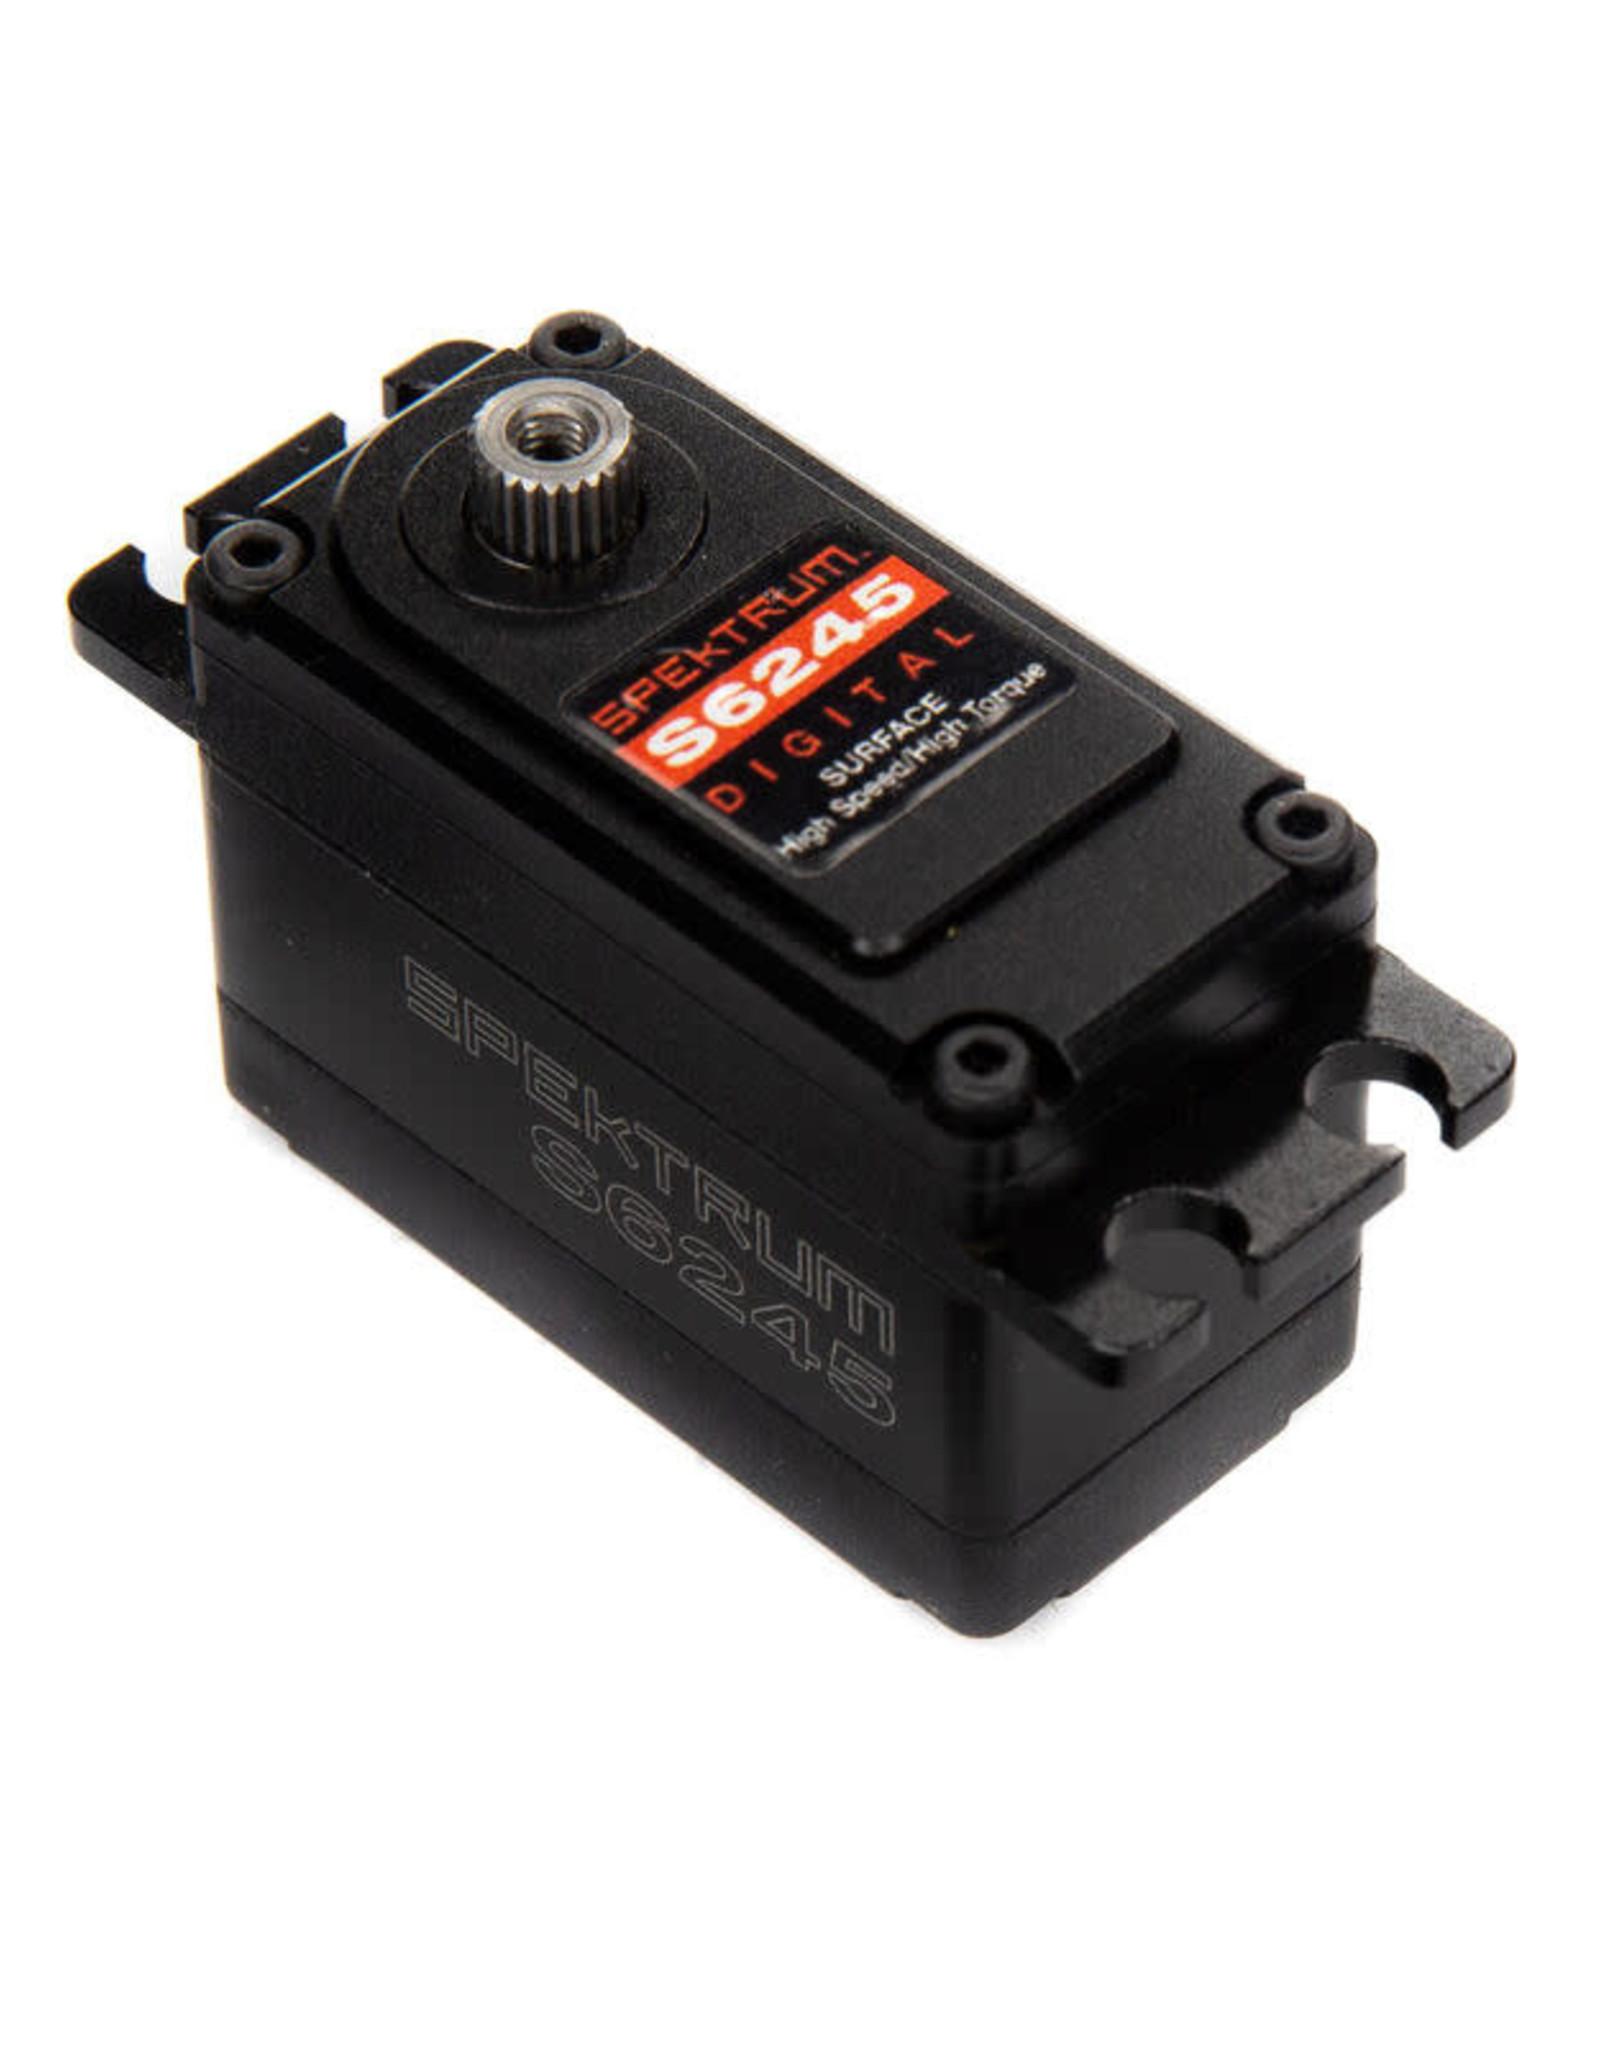 spektrum SPMSS6245 S6245 High Speed/Torque Servo